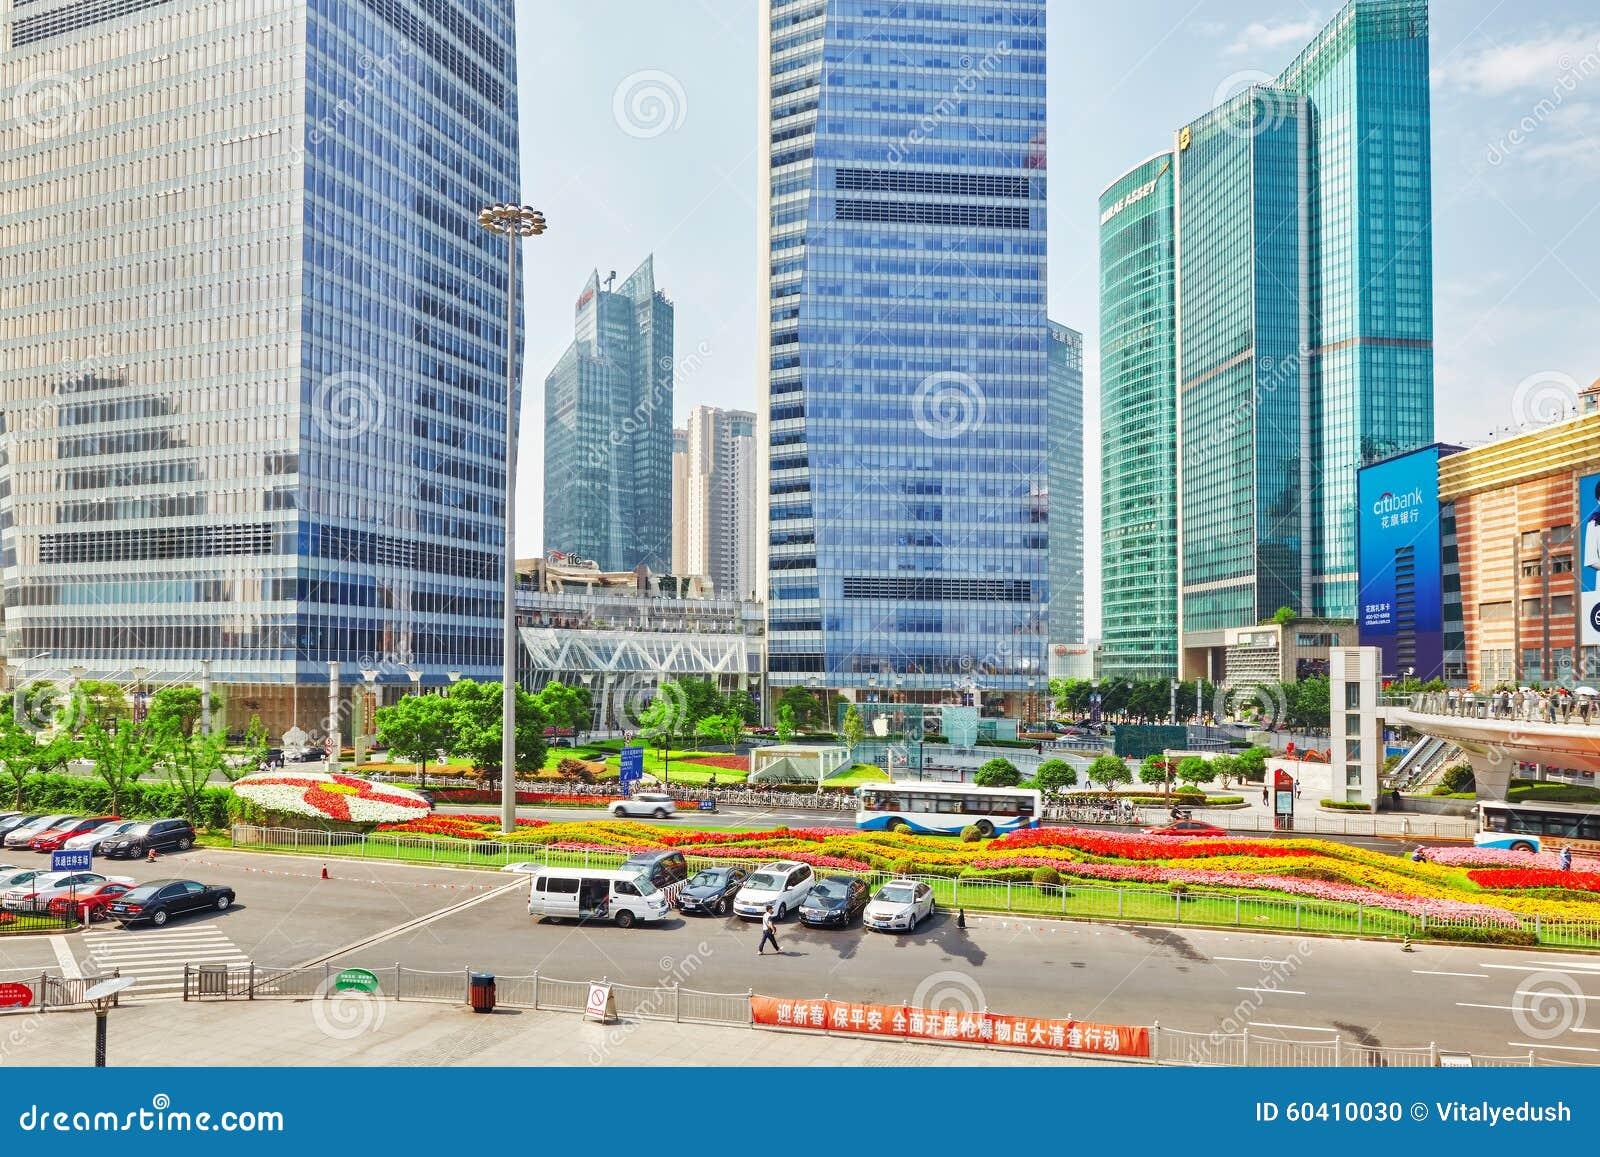 上海摩天大楼